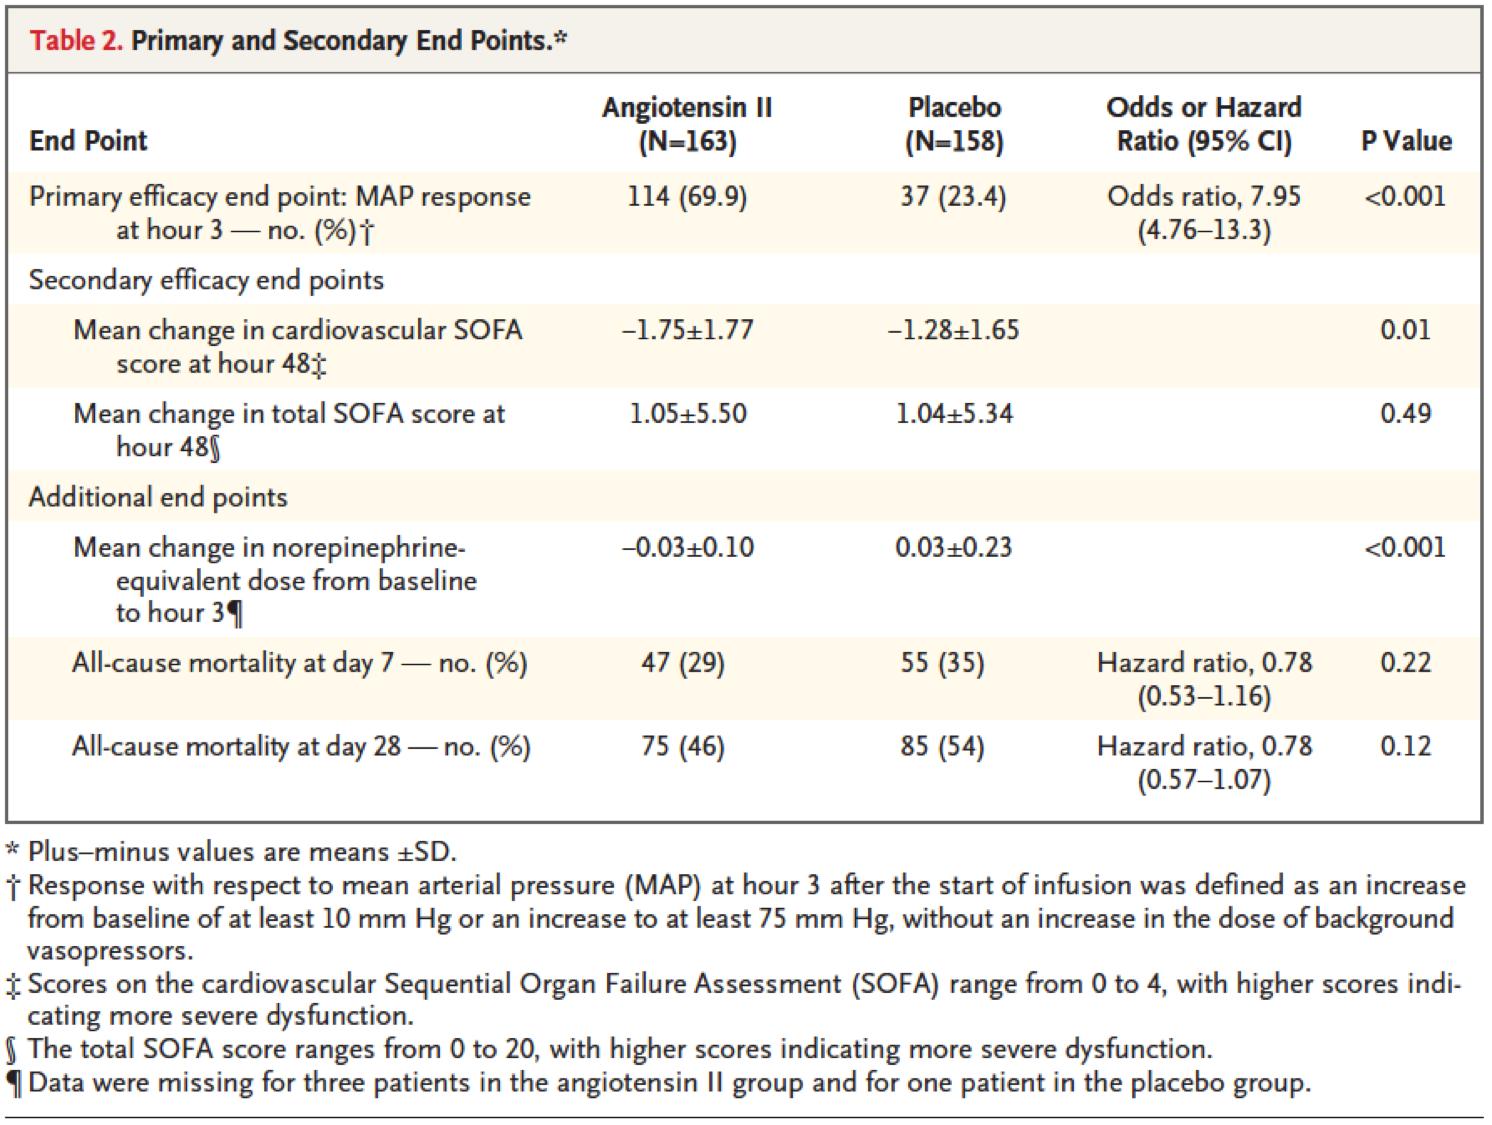 [MEDSCAPE观点]:血管紧张素II:治疗感染性休克的新希望?